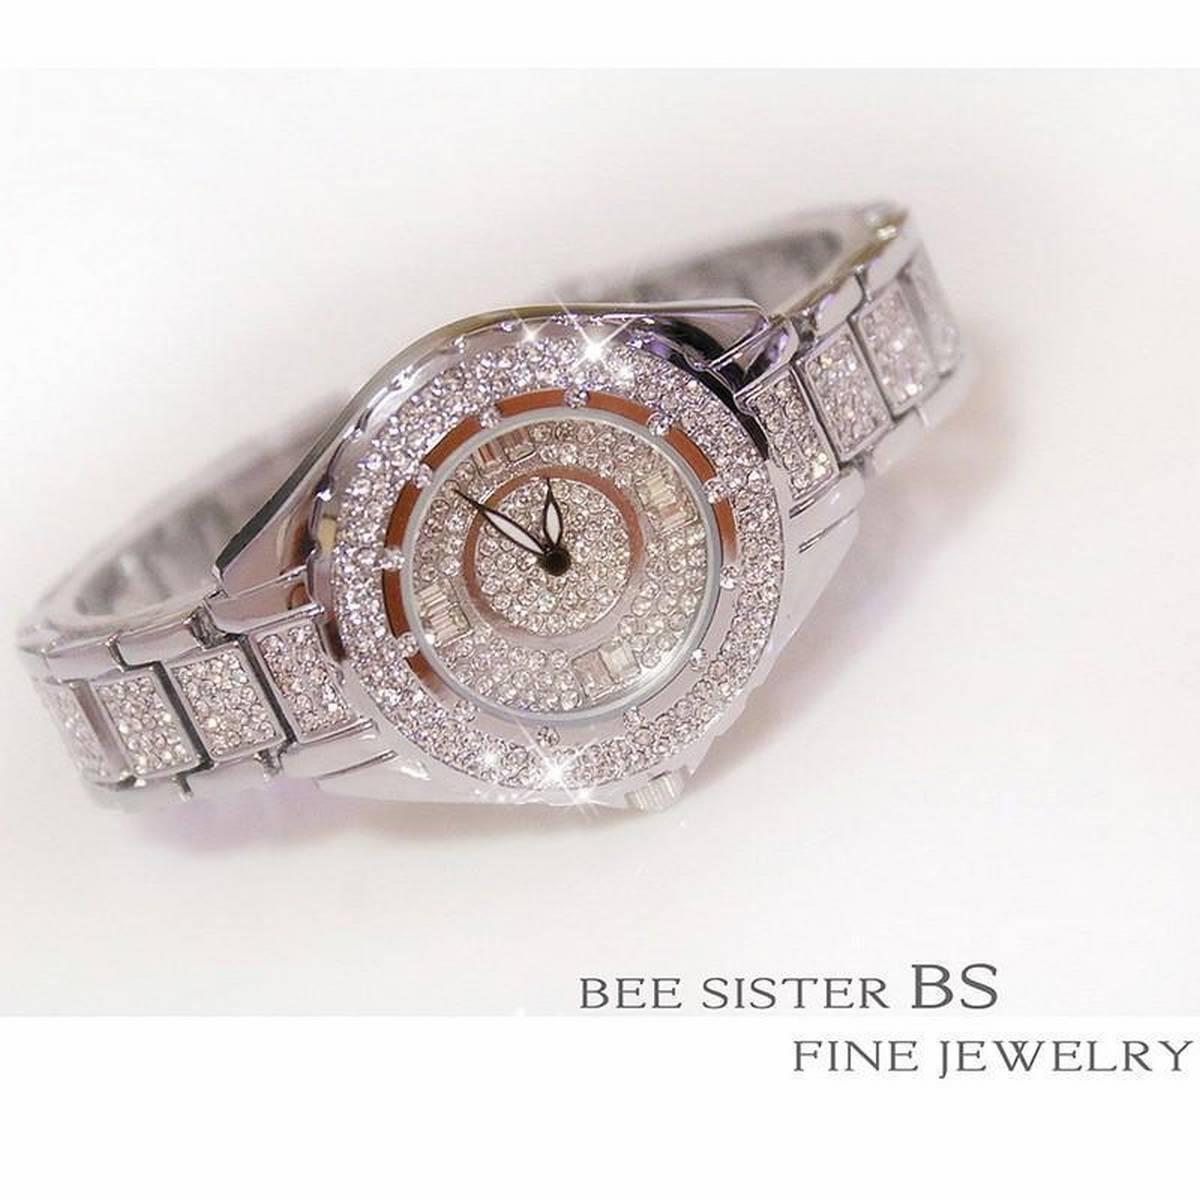 BS Beesisiter Girls Fashion Luxury Diamond Watch Quartz Watches Ladies Stainless Steel Wrist watch